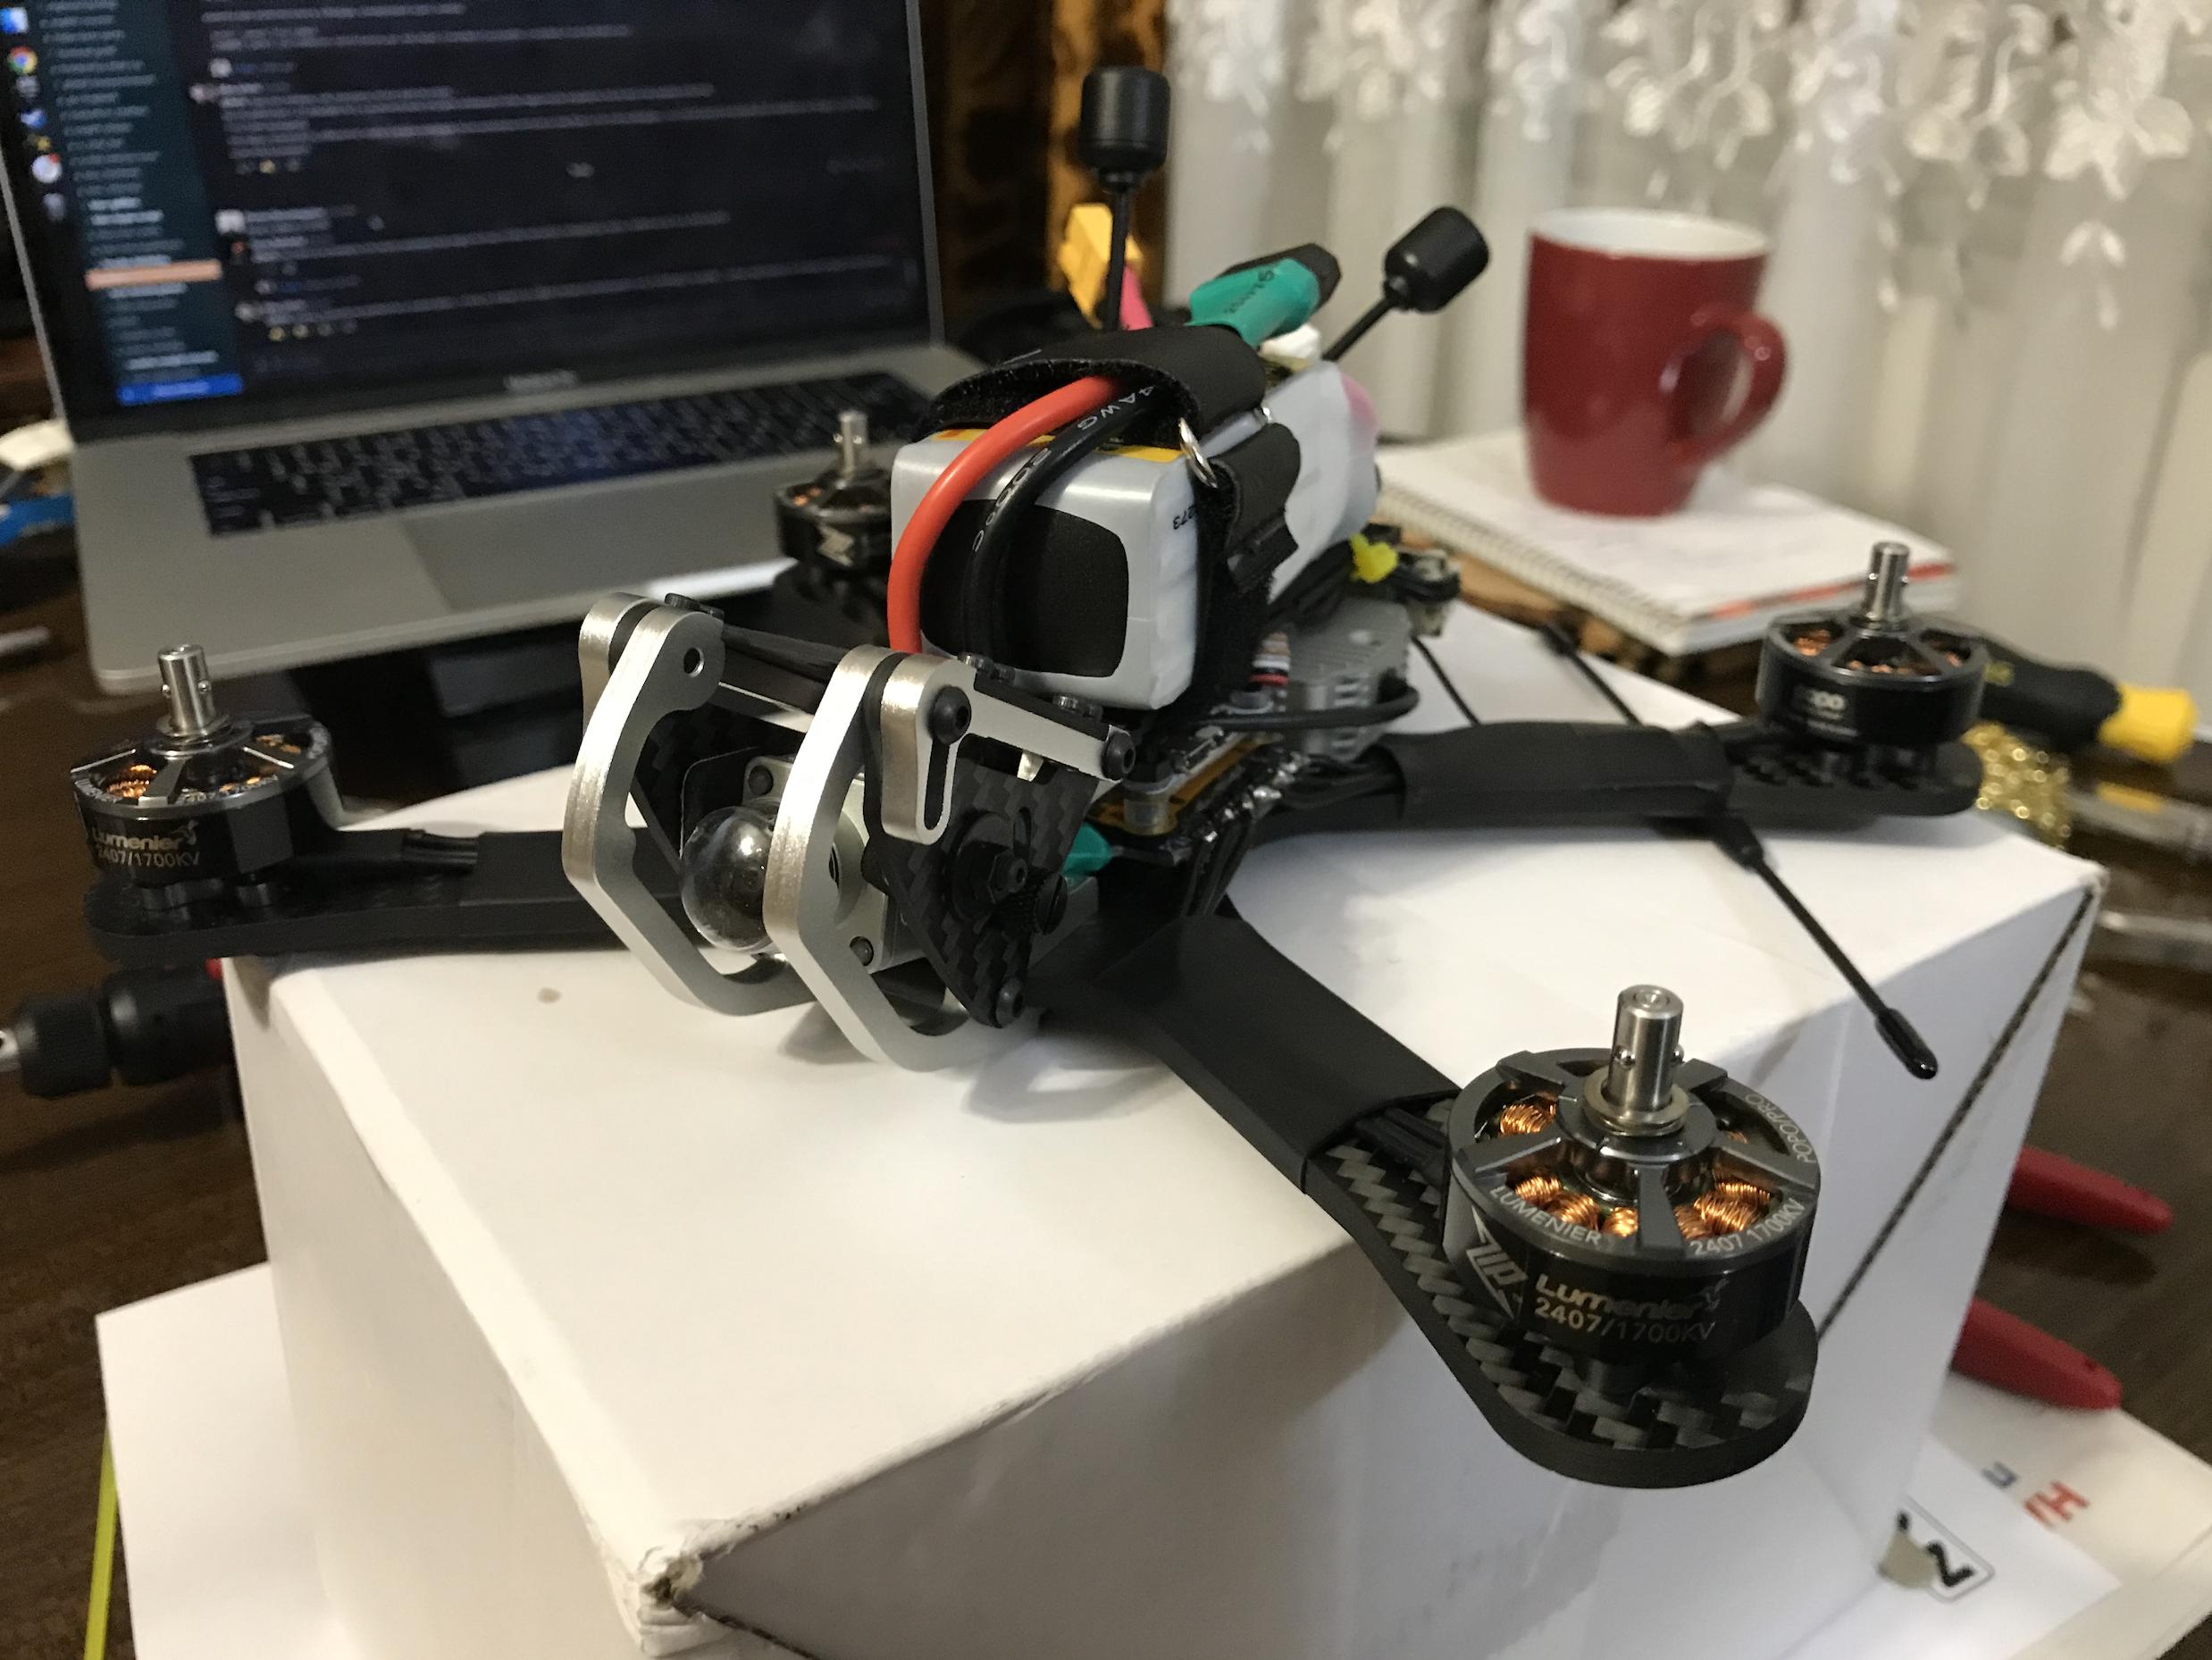 От земли к FPV Квадрокоптеру: Введение